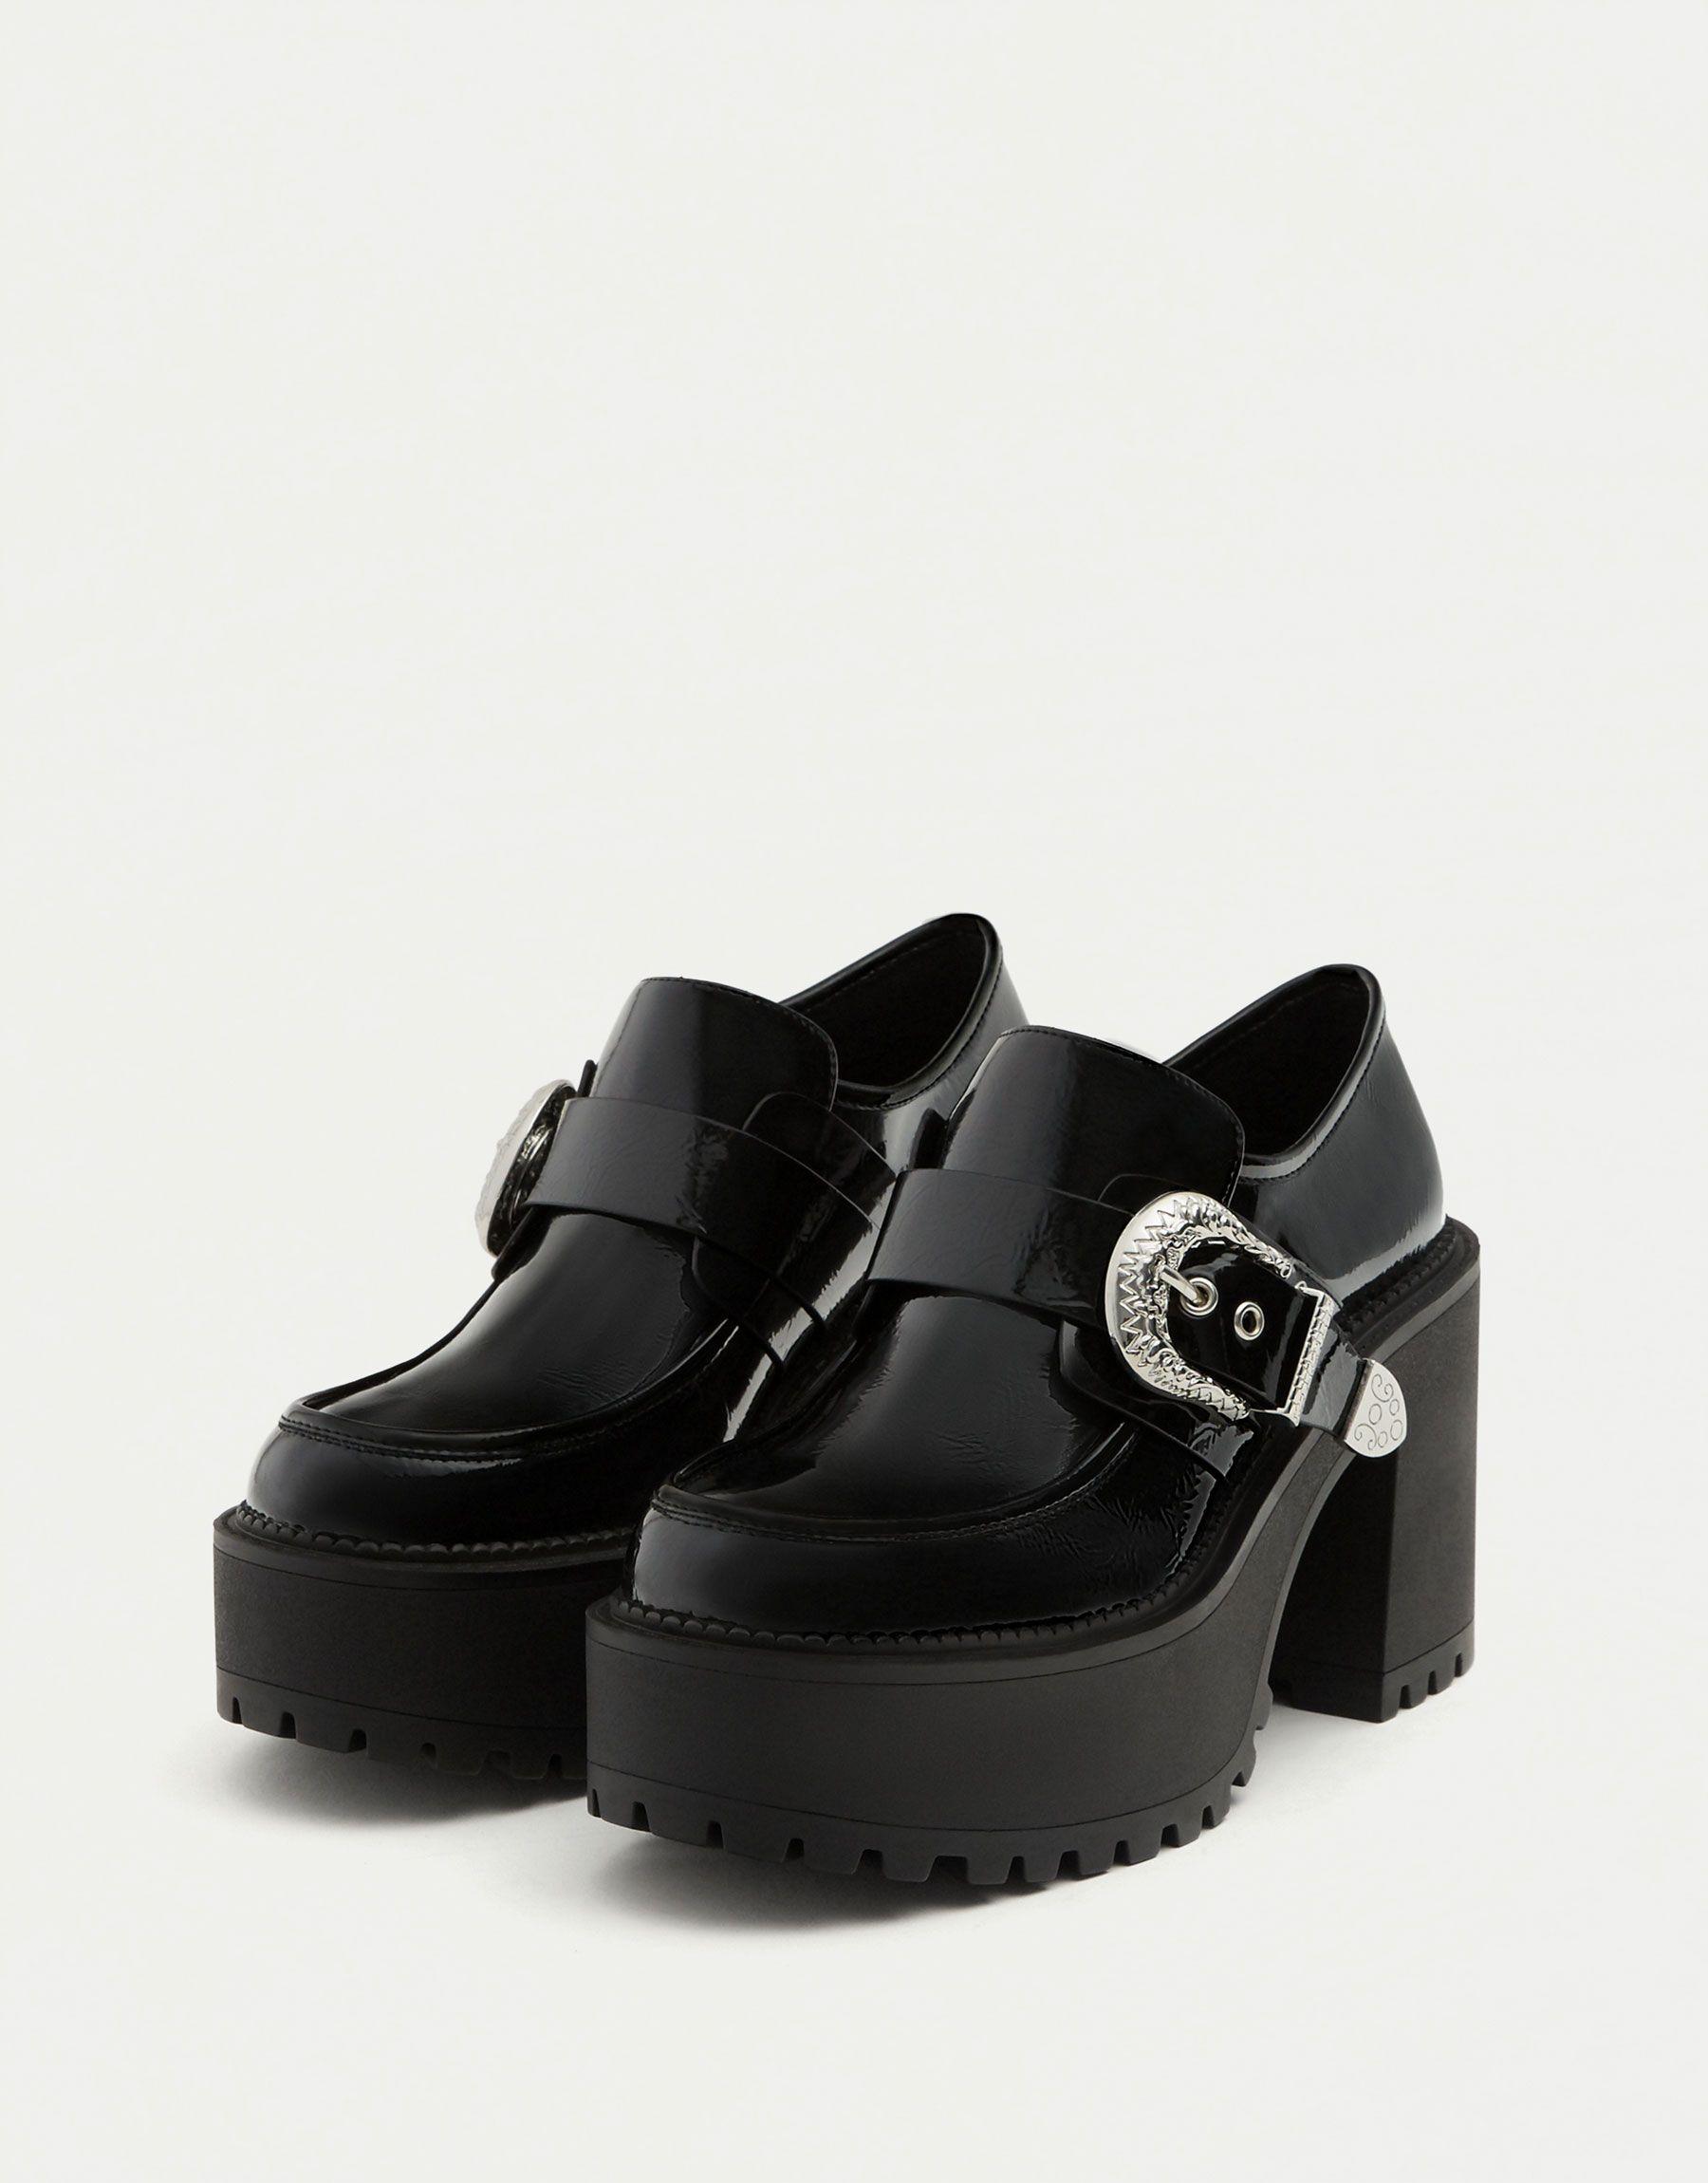 5abc25e6f5227 Mocassins à talon boucle - Dernières nouveautés - Chaussures - Femme -  PULL BEAR France